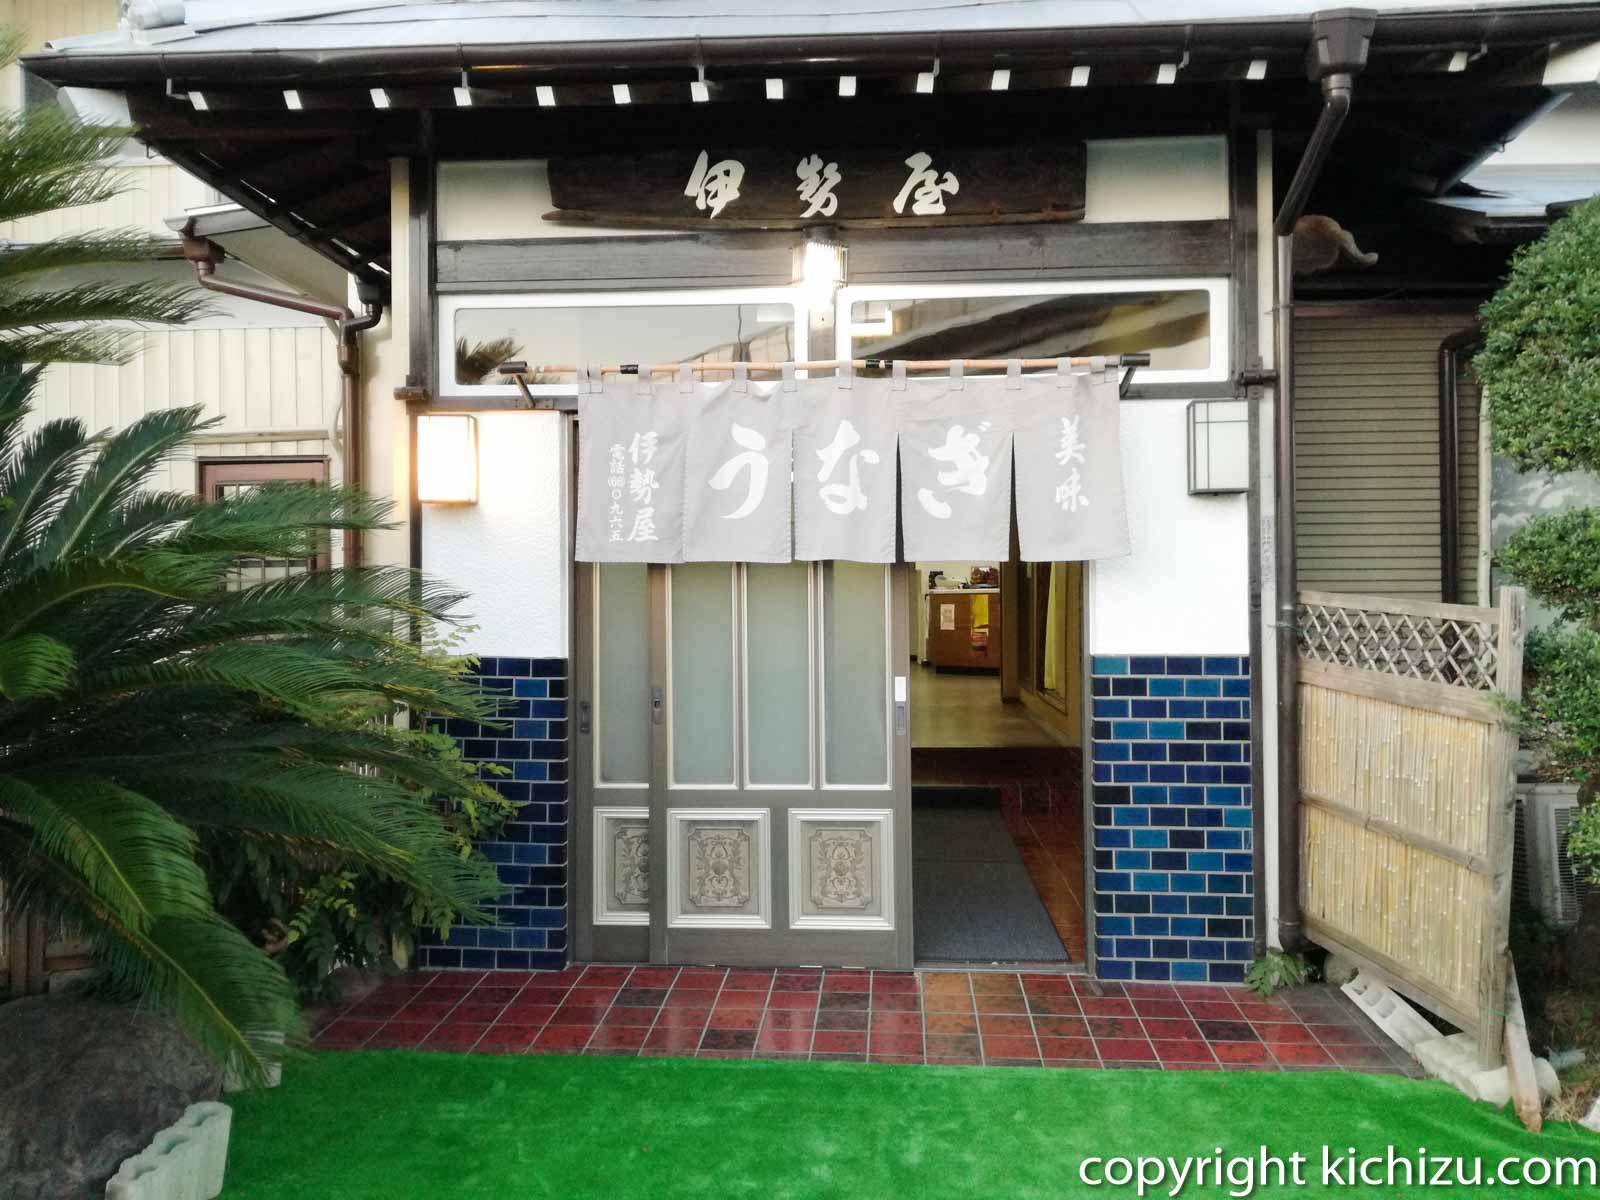 茨木県 うなぎ川魚料理 伊勢屋